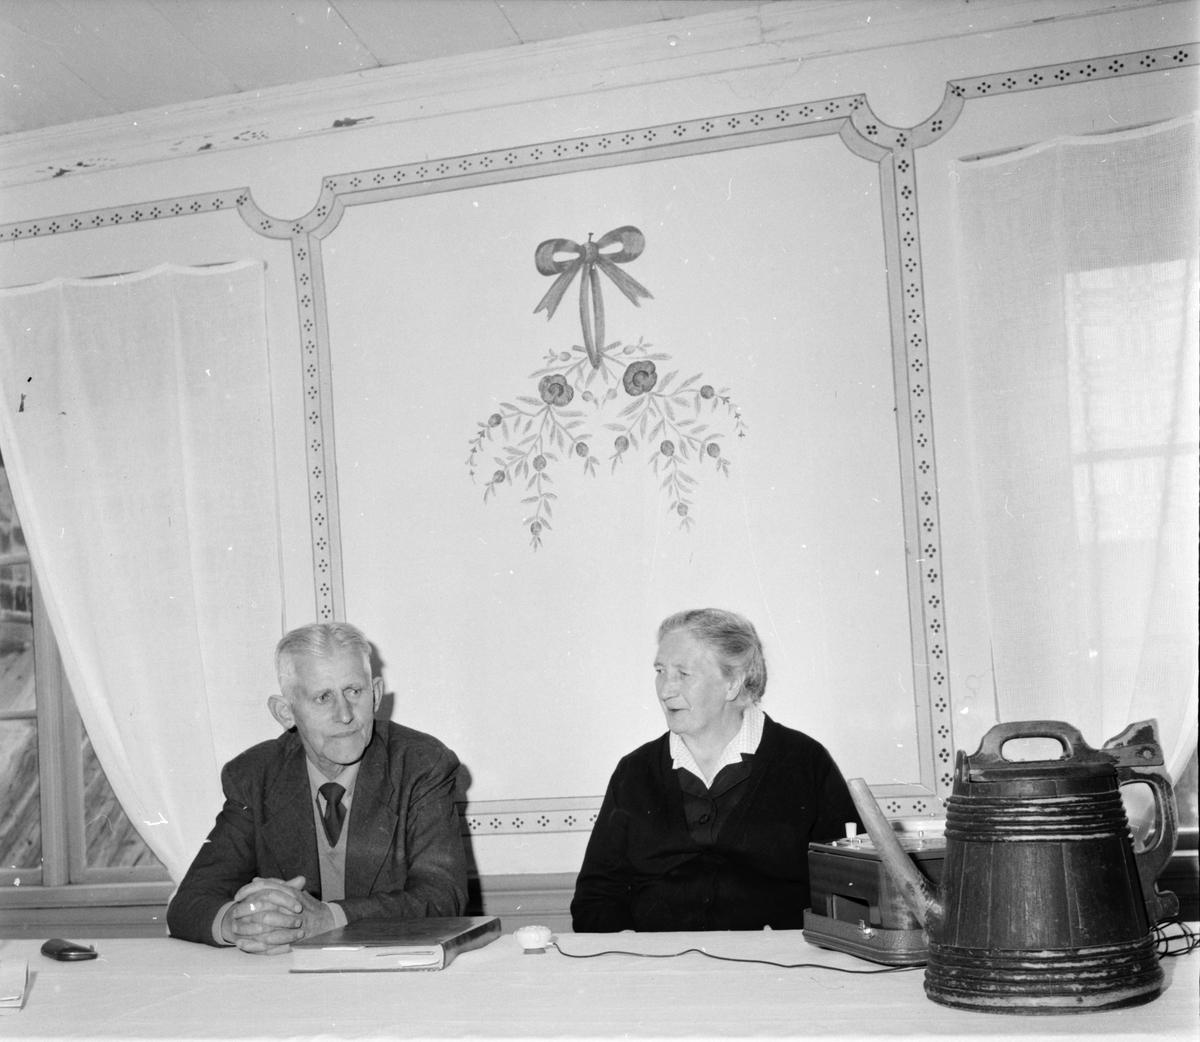 Järvsö, Karlsgården, Inspelning av fru Creutz, 8 Augusti 1962